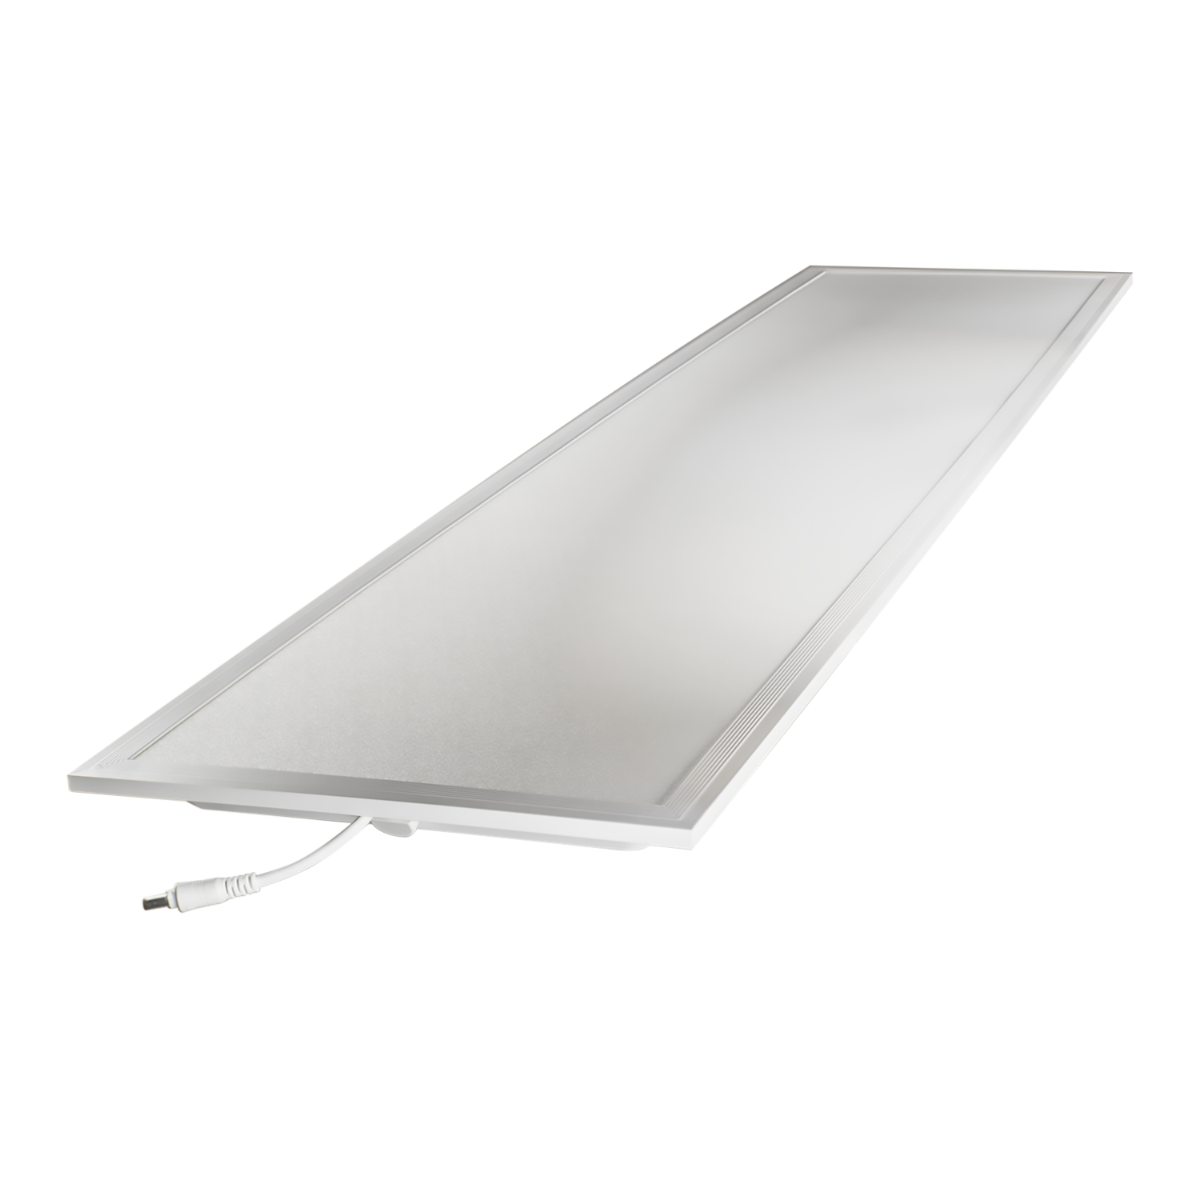 Noxion Delta Pro LED Panel UGR<19 V2.0 30W 4110lm 4000K 300x1200+ GST18 Male + Xitanium | Cool white